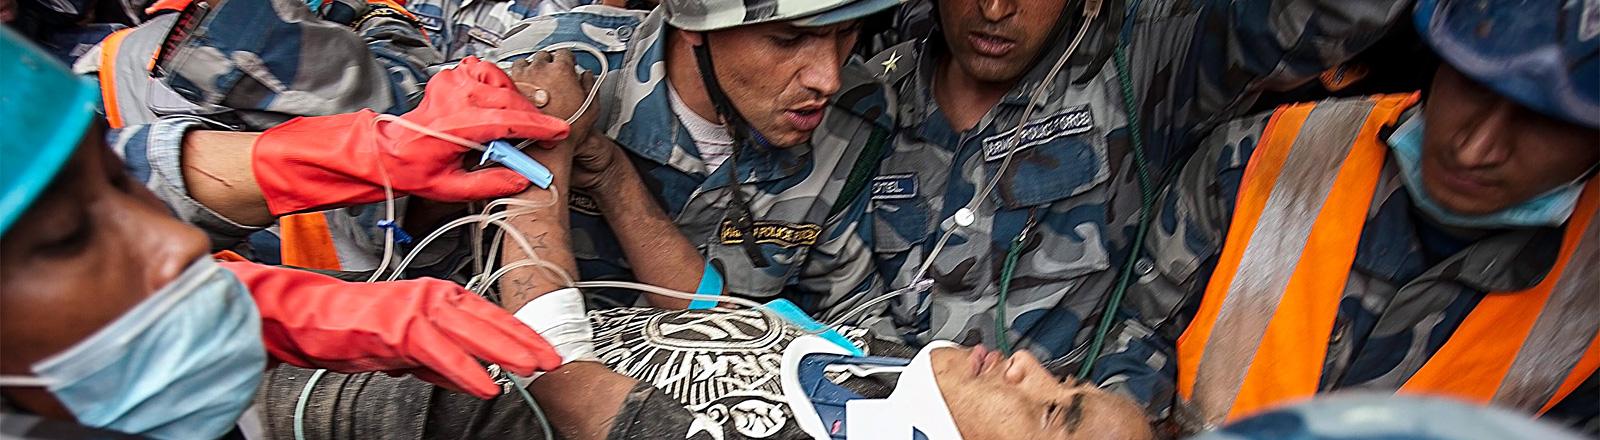 Der 15-jährige Pemba Tamang wird nach dem Beben in Nepal gerettet. Er liegt auf einer Trage. um ihn stehen viele Helfer (30.04.2015); Bilder: dpa